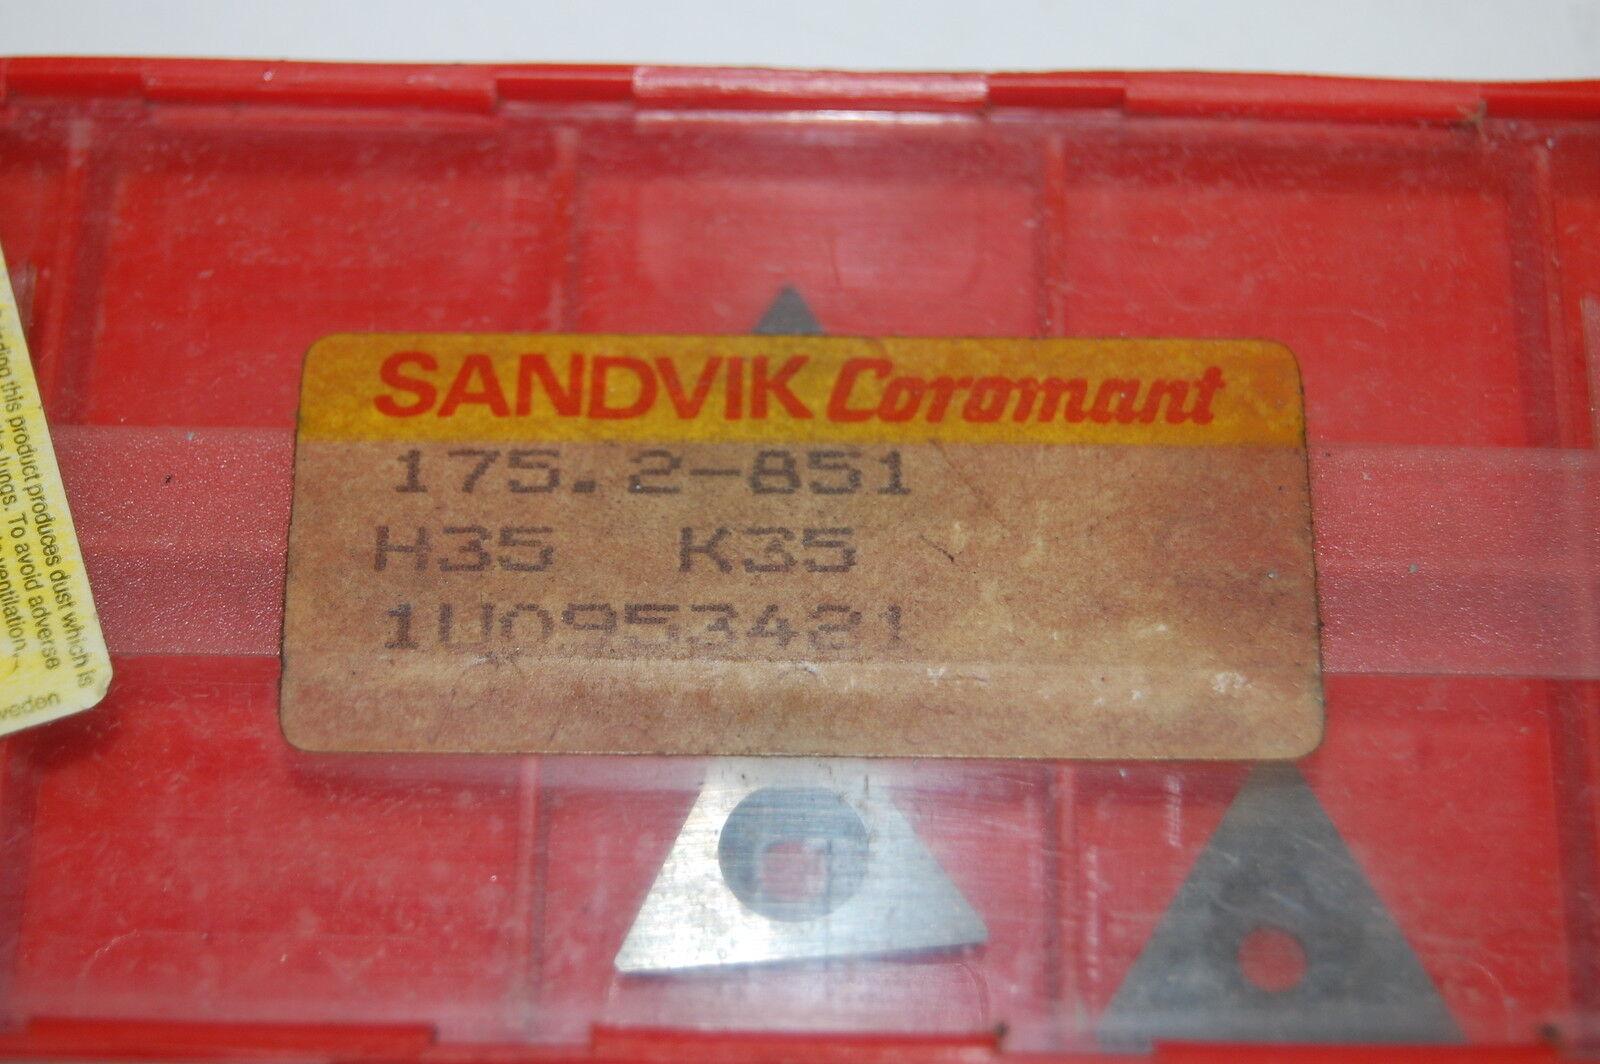 175.2-851 Carbide Shim Sandvik Brand 2pcs